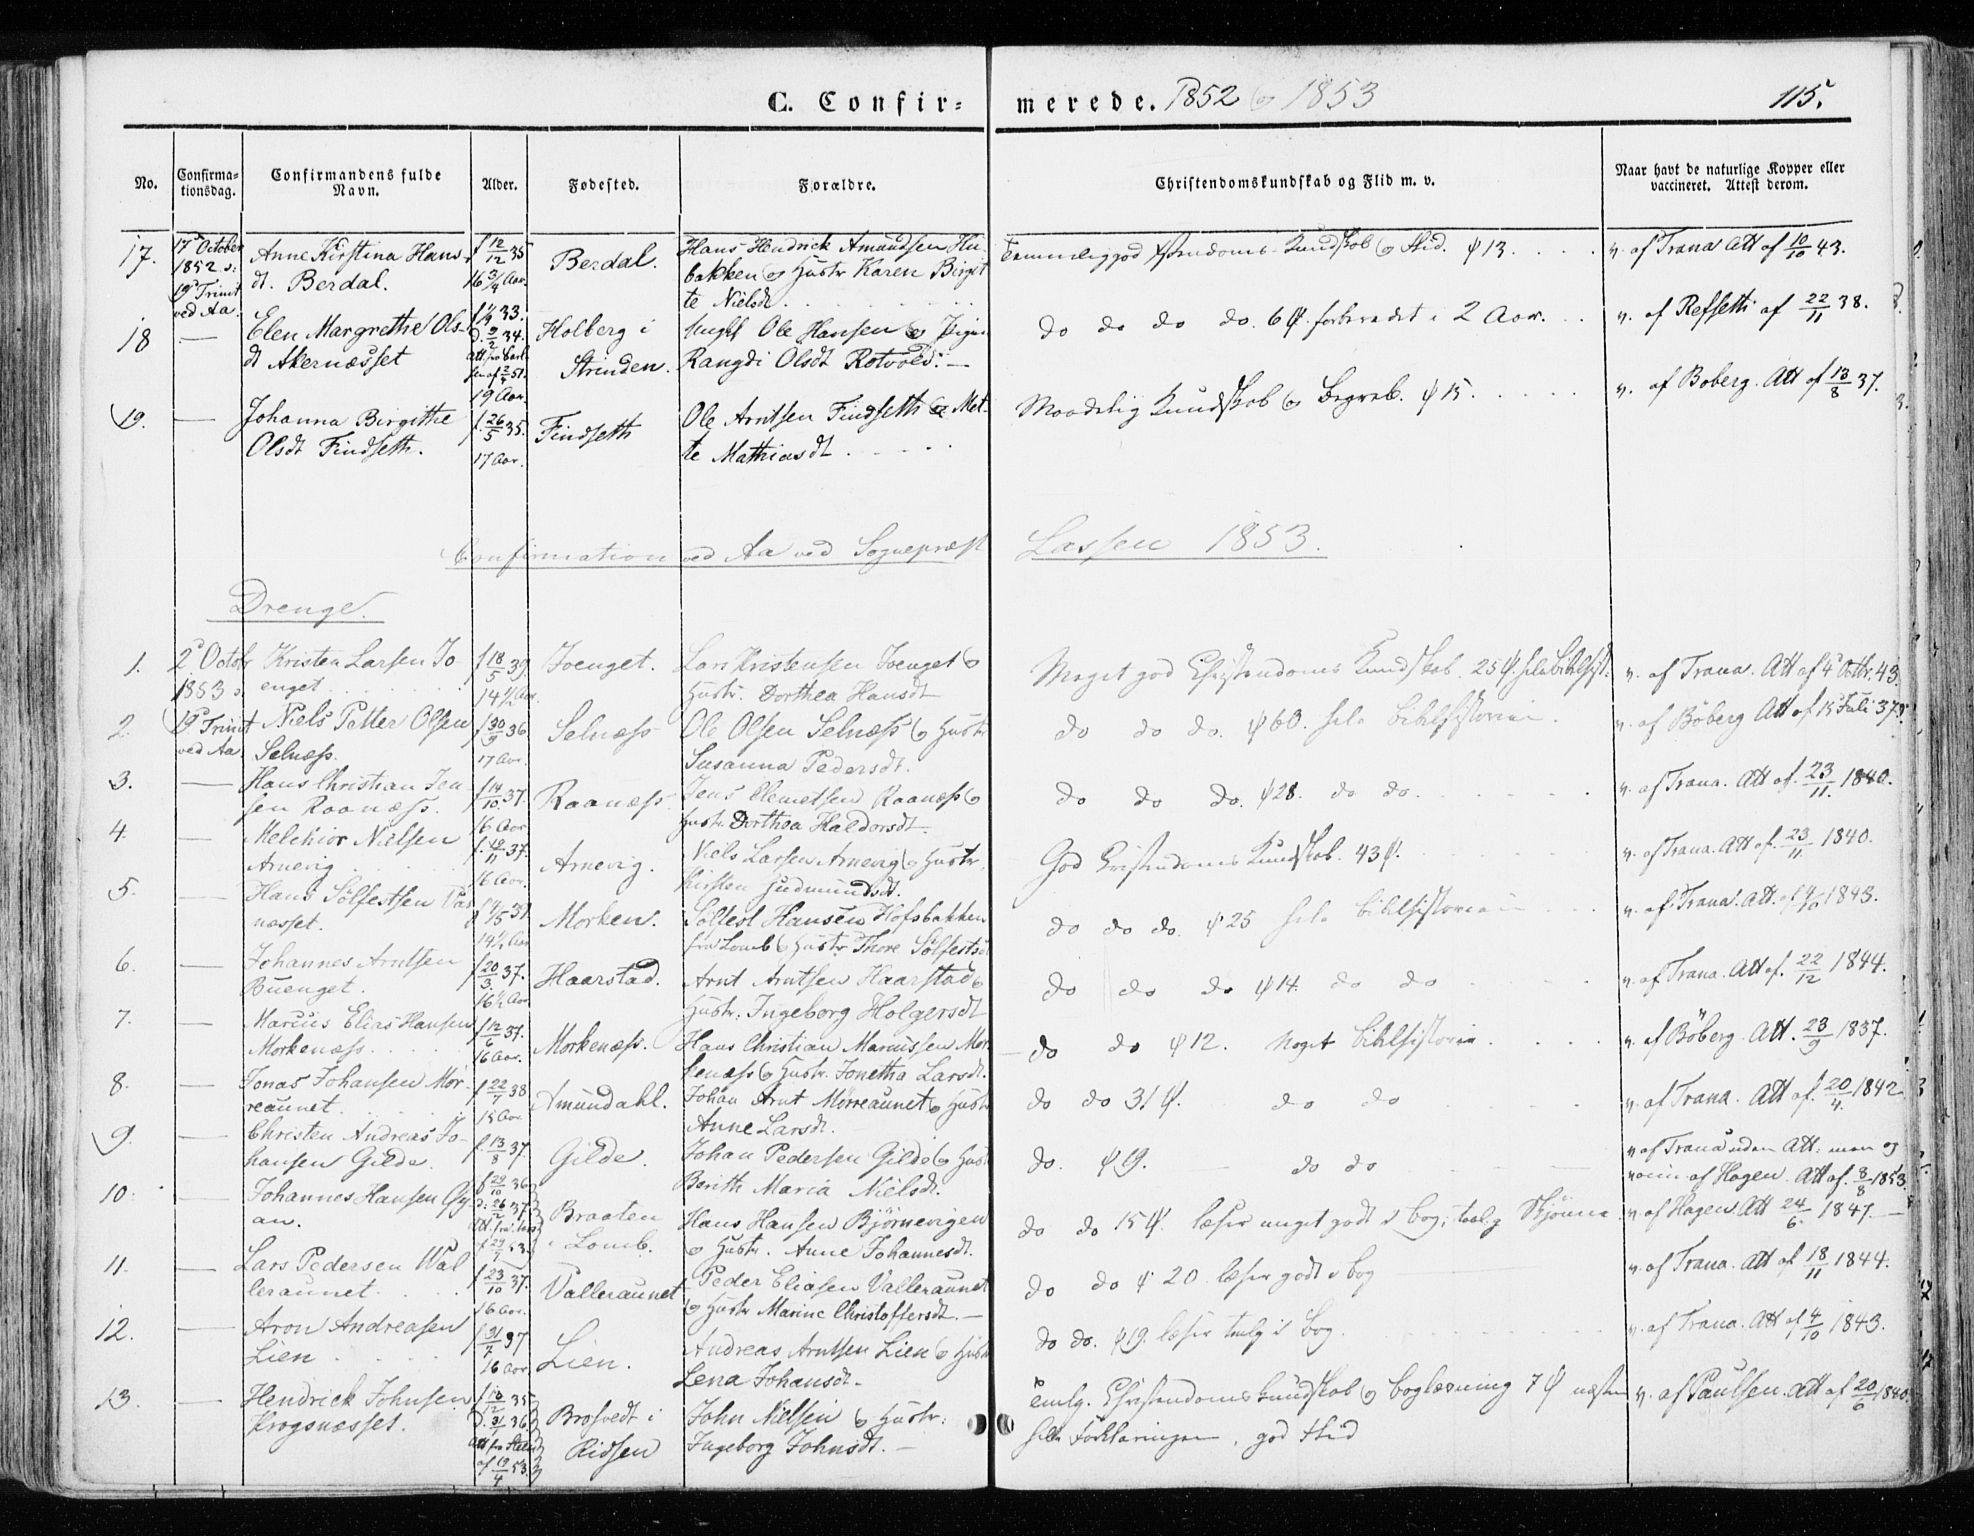 SAT, Ministerialprotokoller, klokkerbøker og fødselsregistre - Sør-Trøndelag, 655/L0677: Ministerialbok nr. 655A06, 1847-1860, s. 115